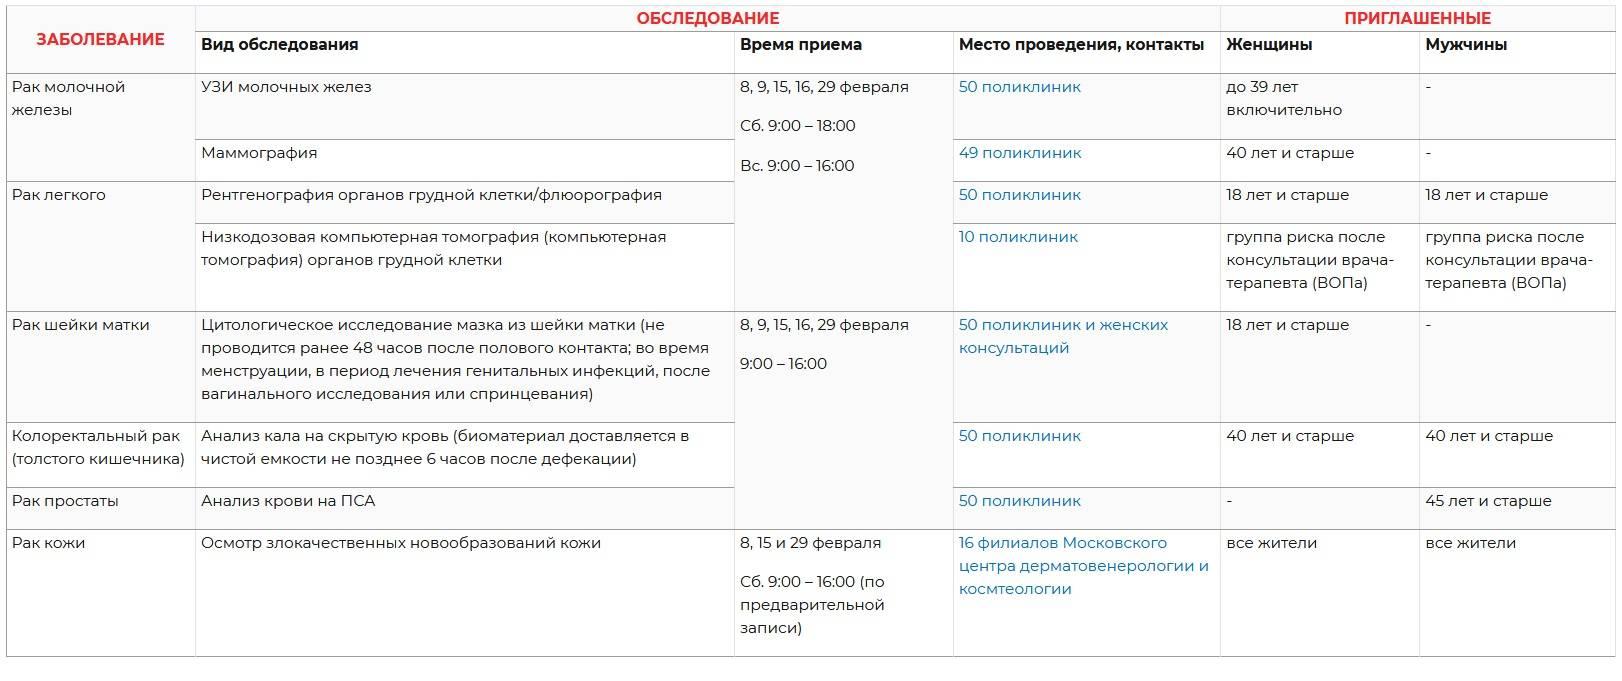 В Москве в феврале можно бесплатно пройти онкоскрининг